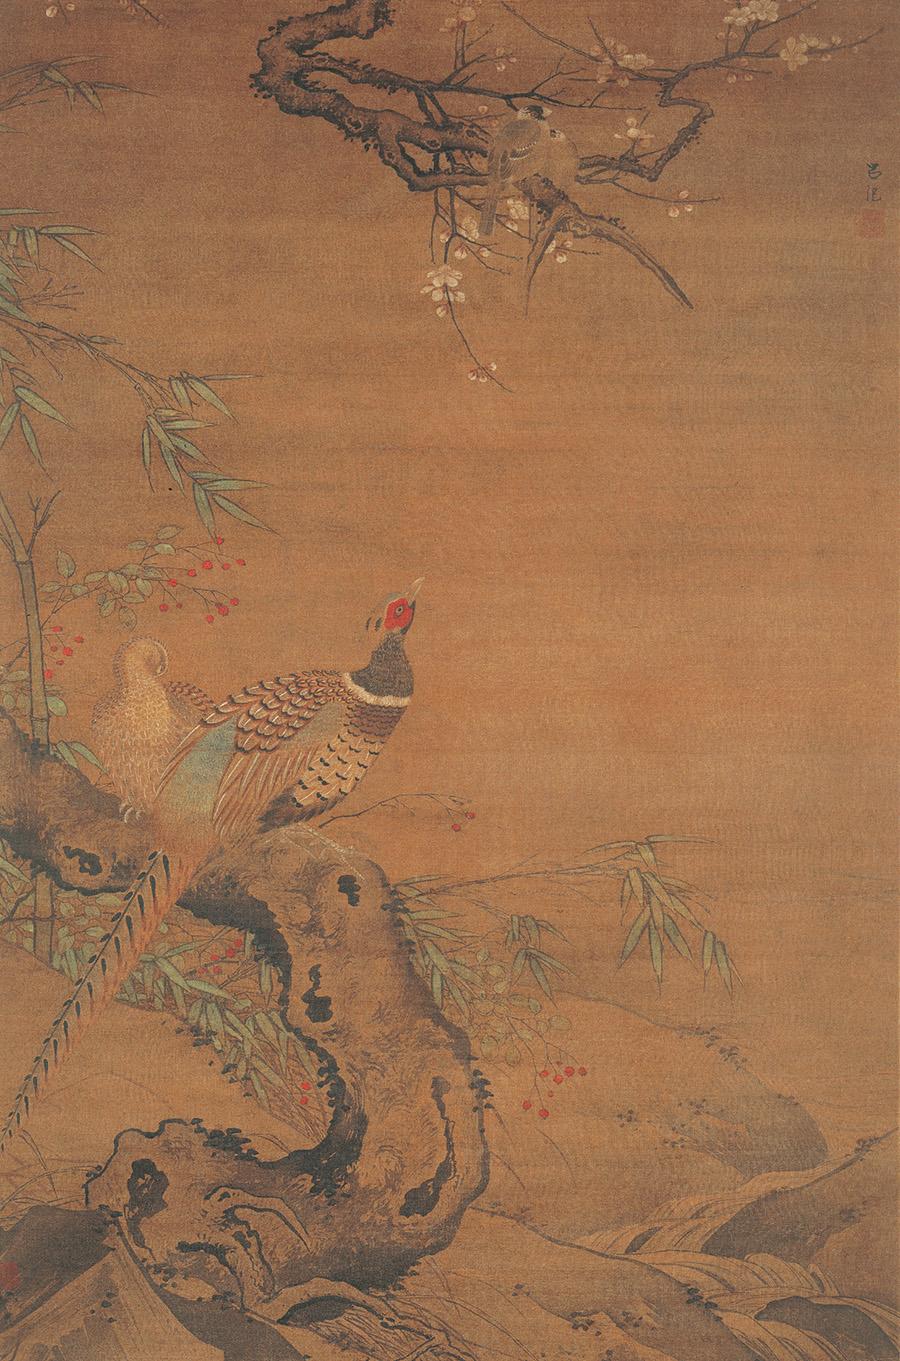 明 吕纪 双雉图轴 128.4×84.9cm 上海博物馆藏 缩图